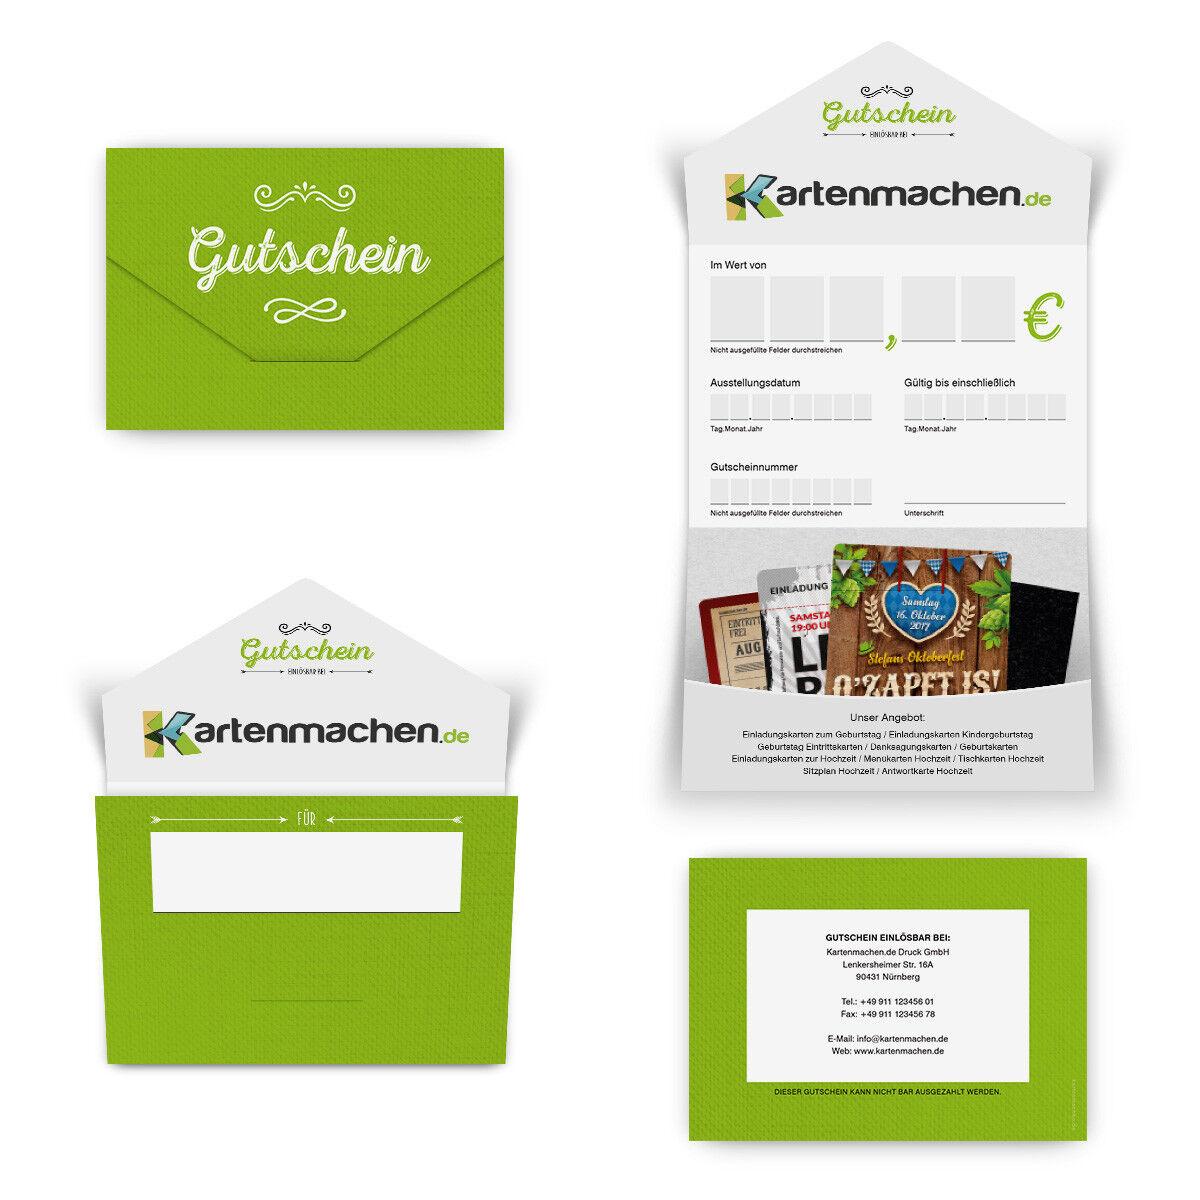 Firmen Geschenkgutschein Gutscheinkarte Gutschein individuell - Klassisch